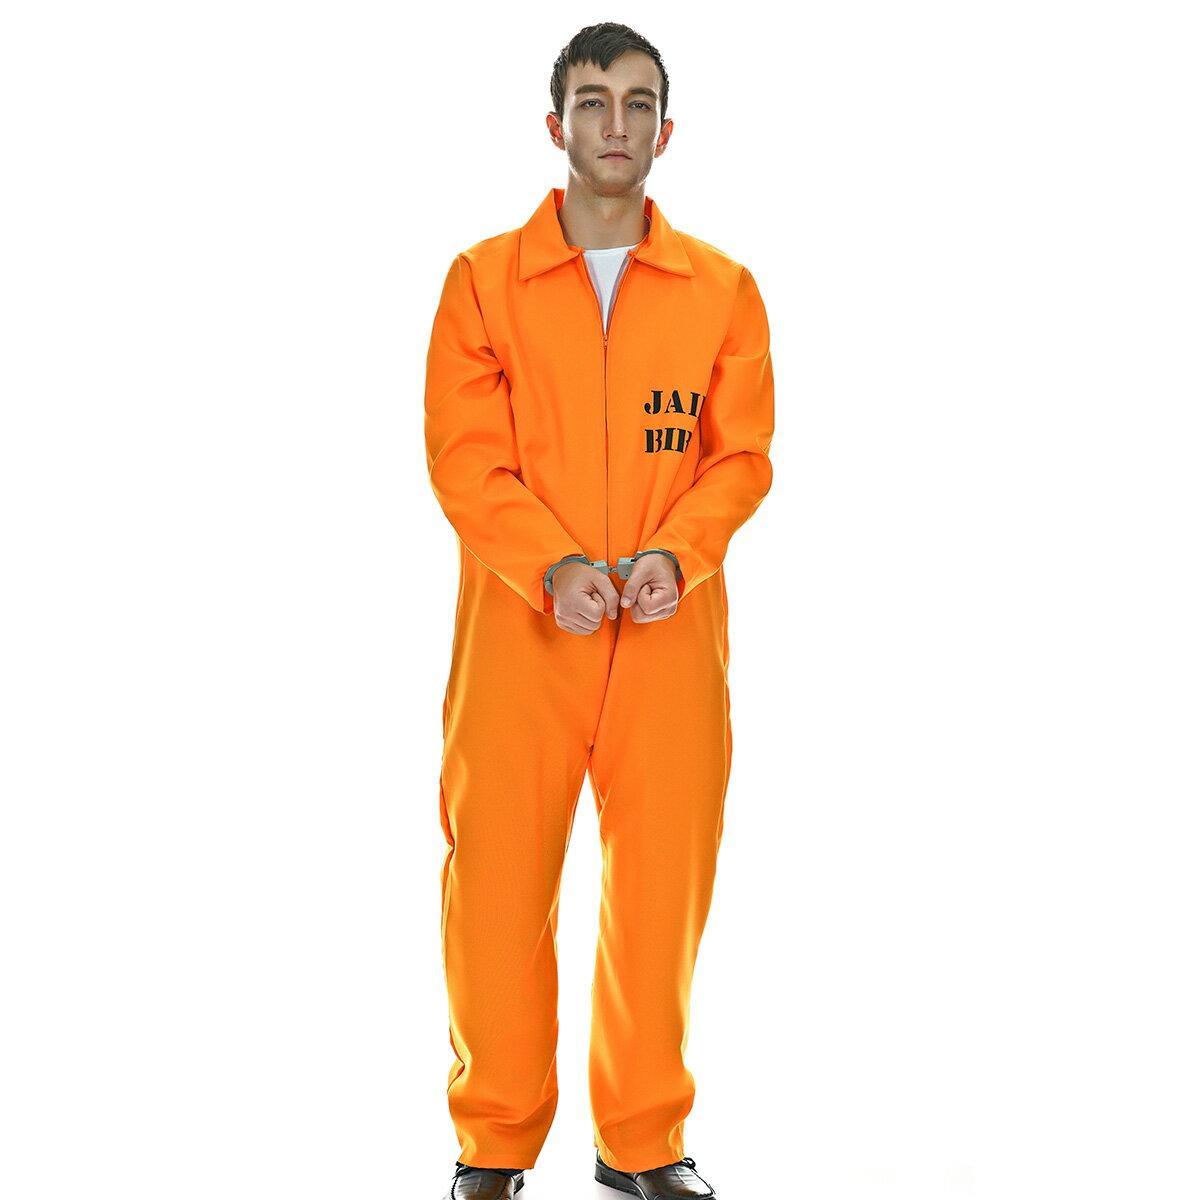 VeroMan メンズ 囚人服 オレンジ プリズナー コスプレ ハロウィン 衣装 仮装